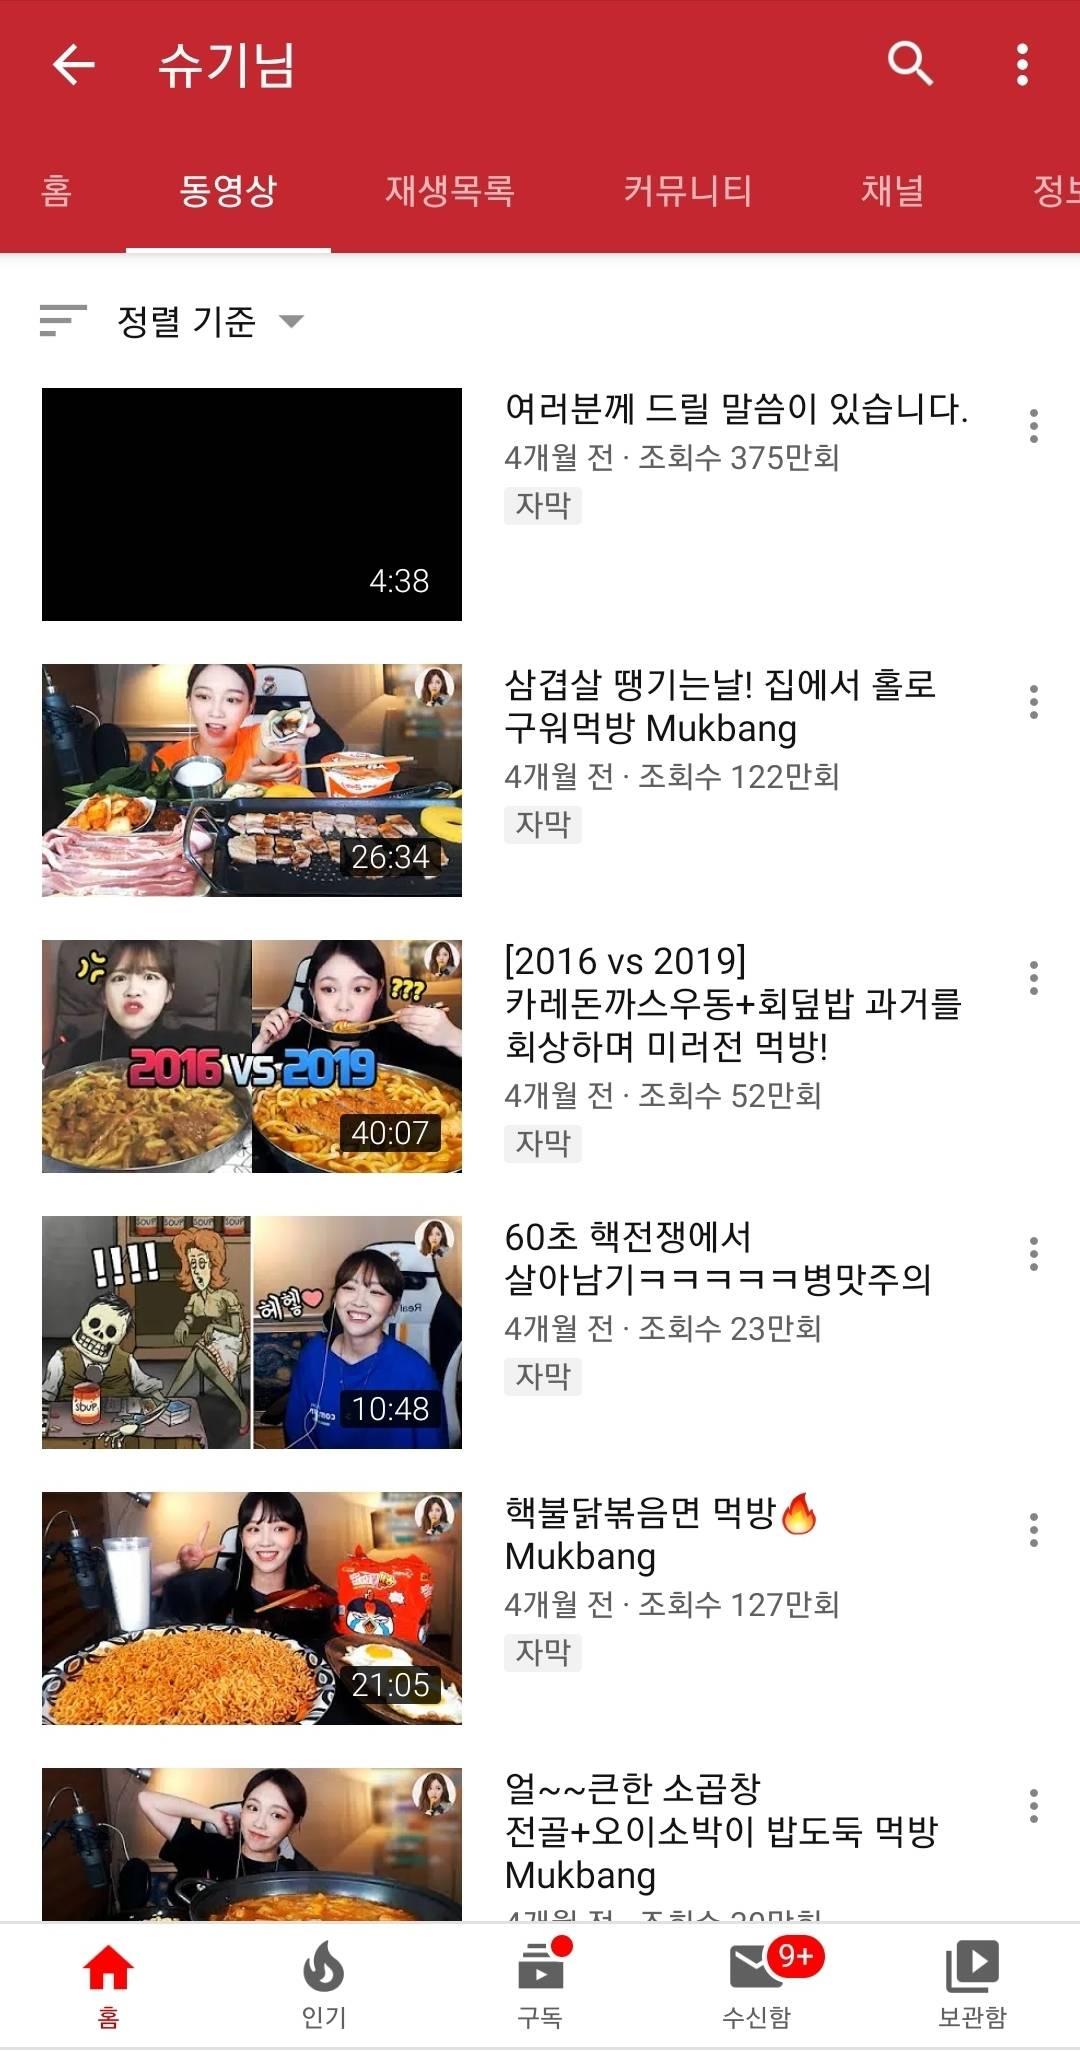 4개월째 영상 업로드 없는데도 꾸준히 악플달리는 유튜버 | 인스티즈